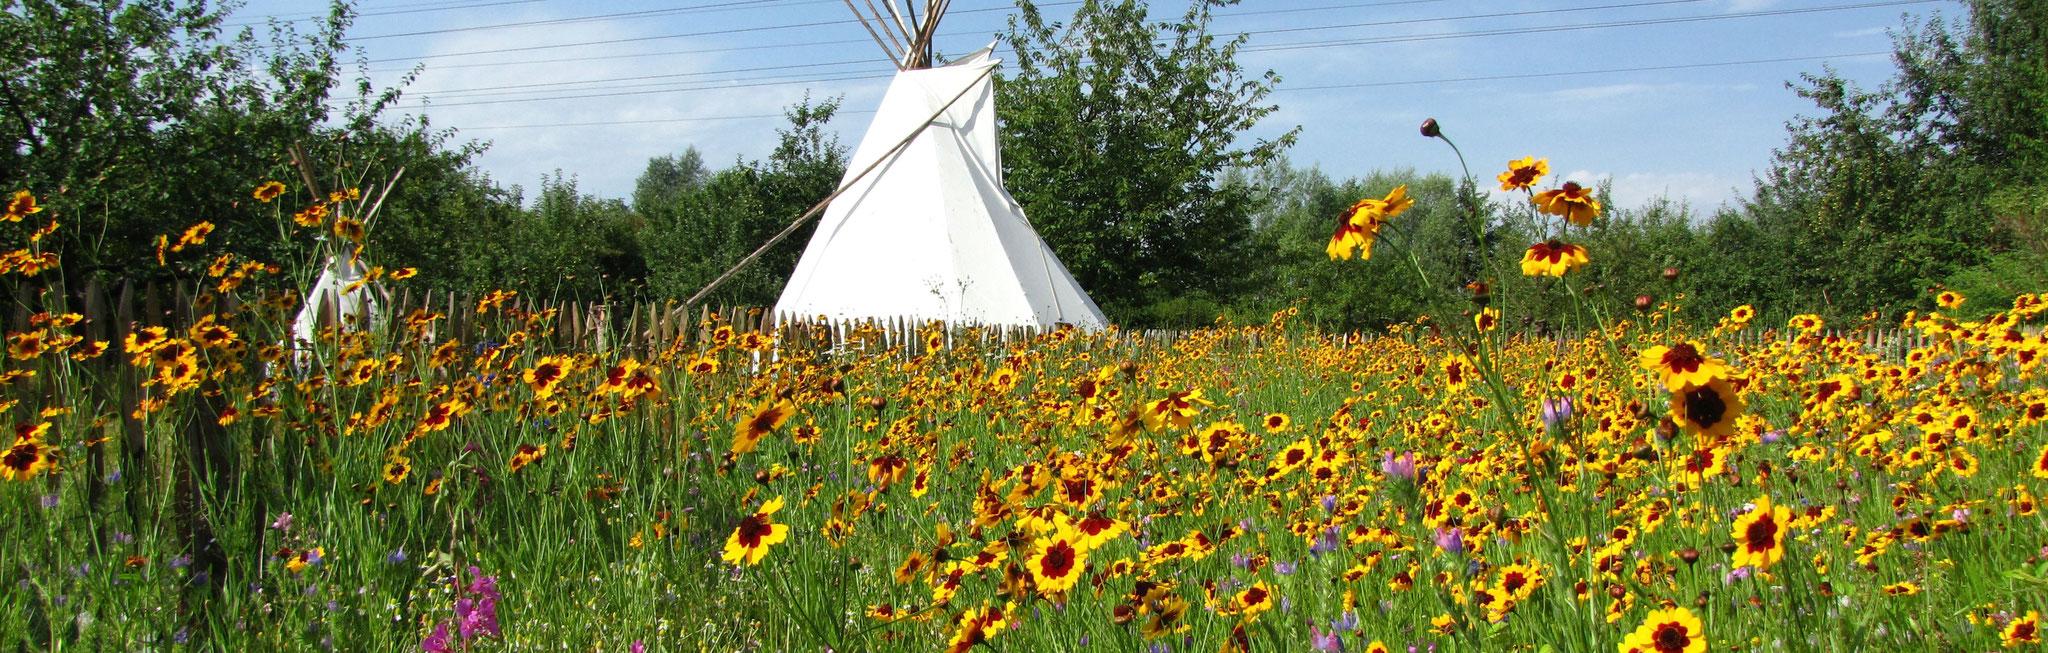 Blick auf das Indianer-Tipi von der Blumenwiese